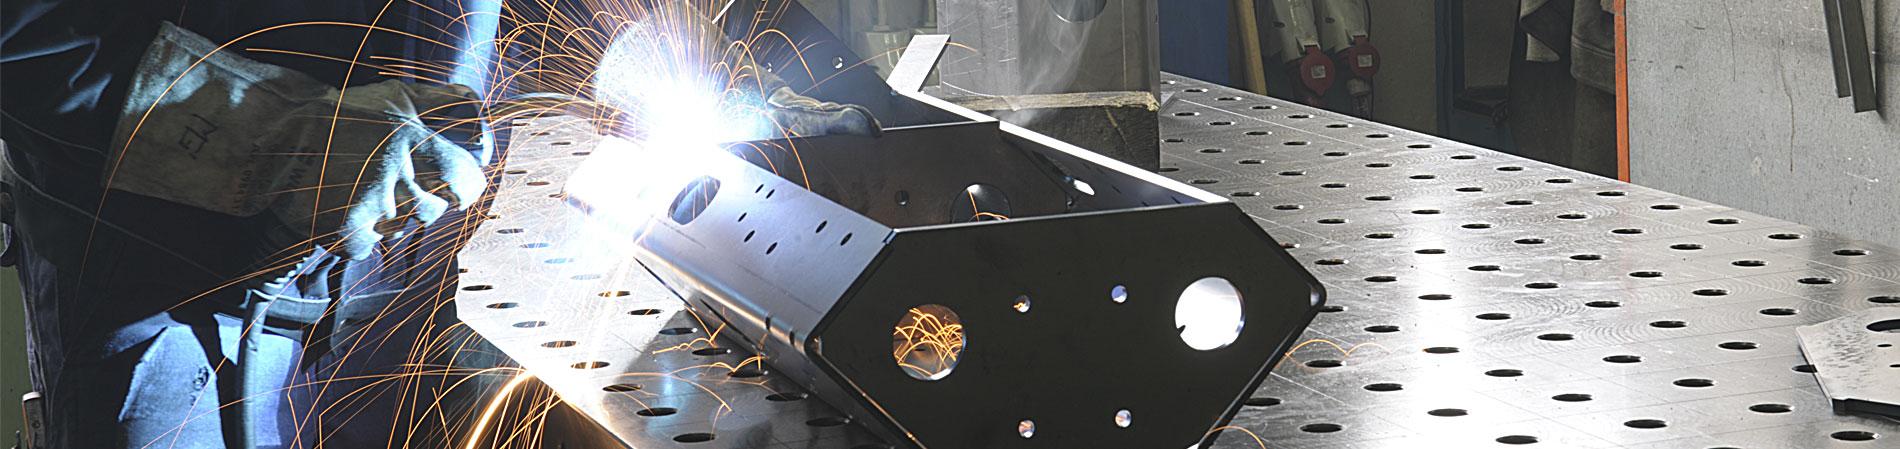 Kompetenz in der Metall- und Blechbearbeitung